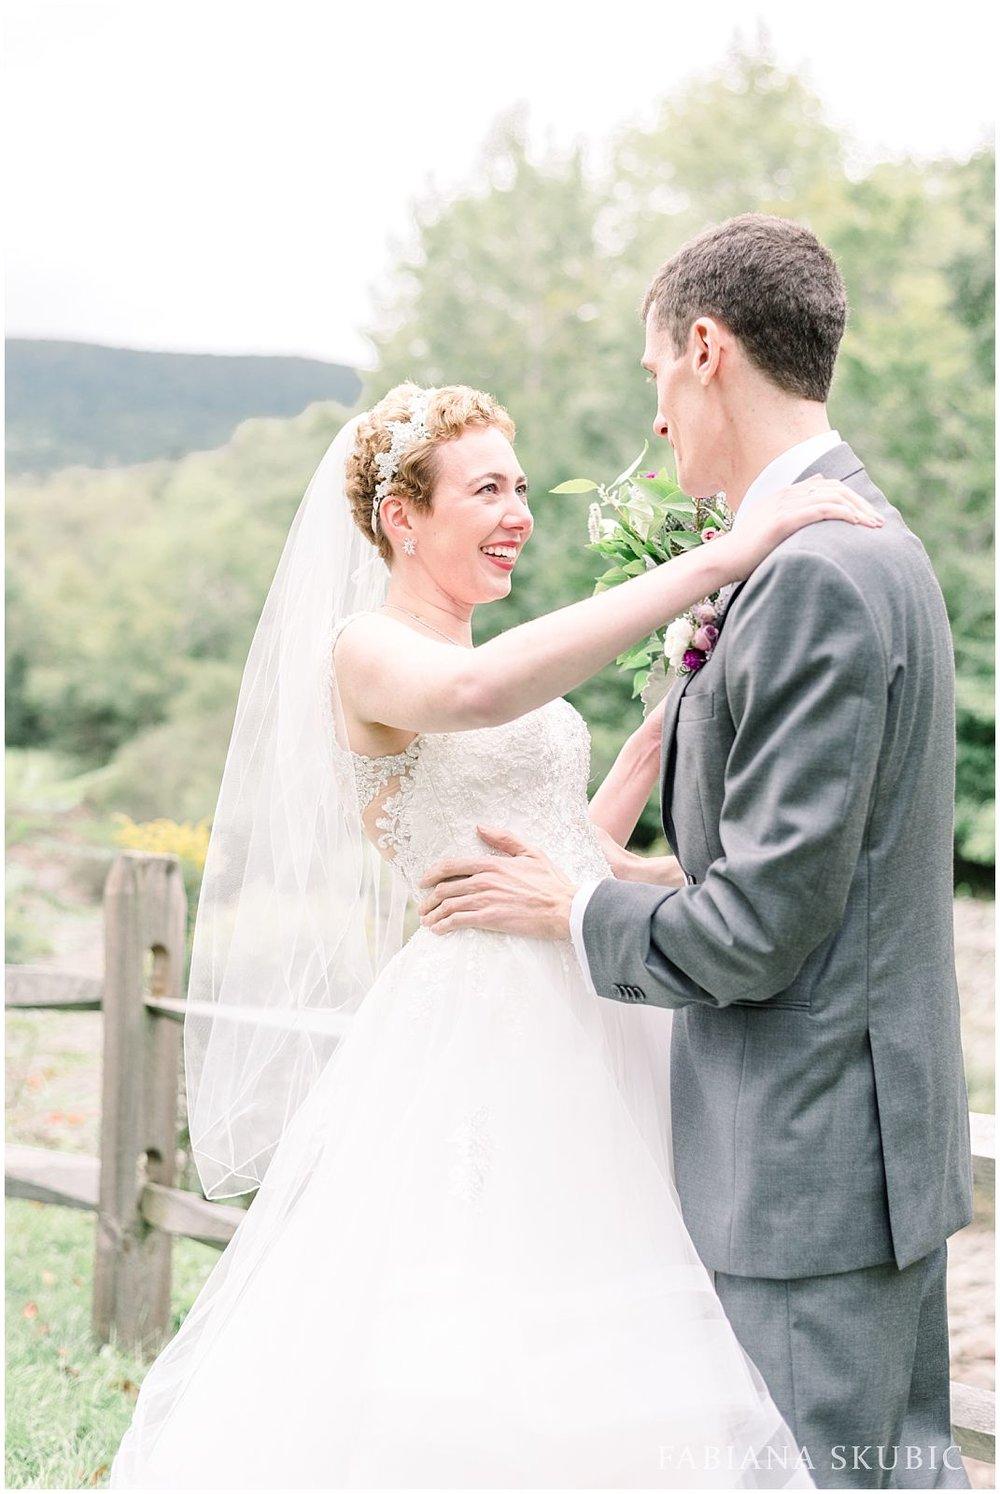 FabianaSkubic_J&M_FullMoonResort_Wedding_0033.jpg